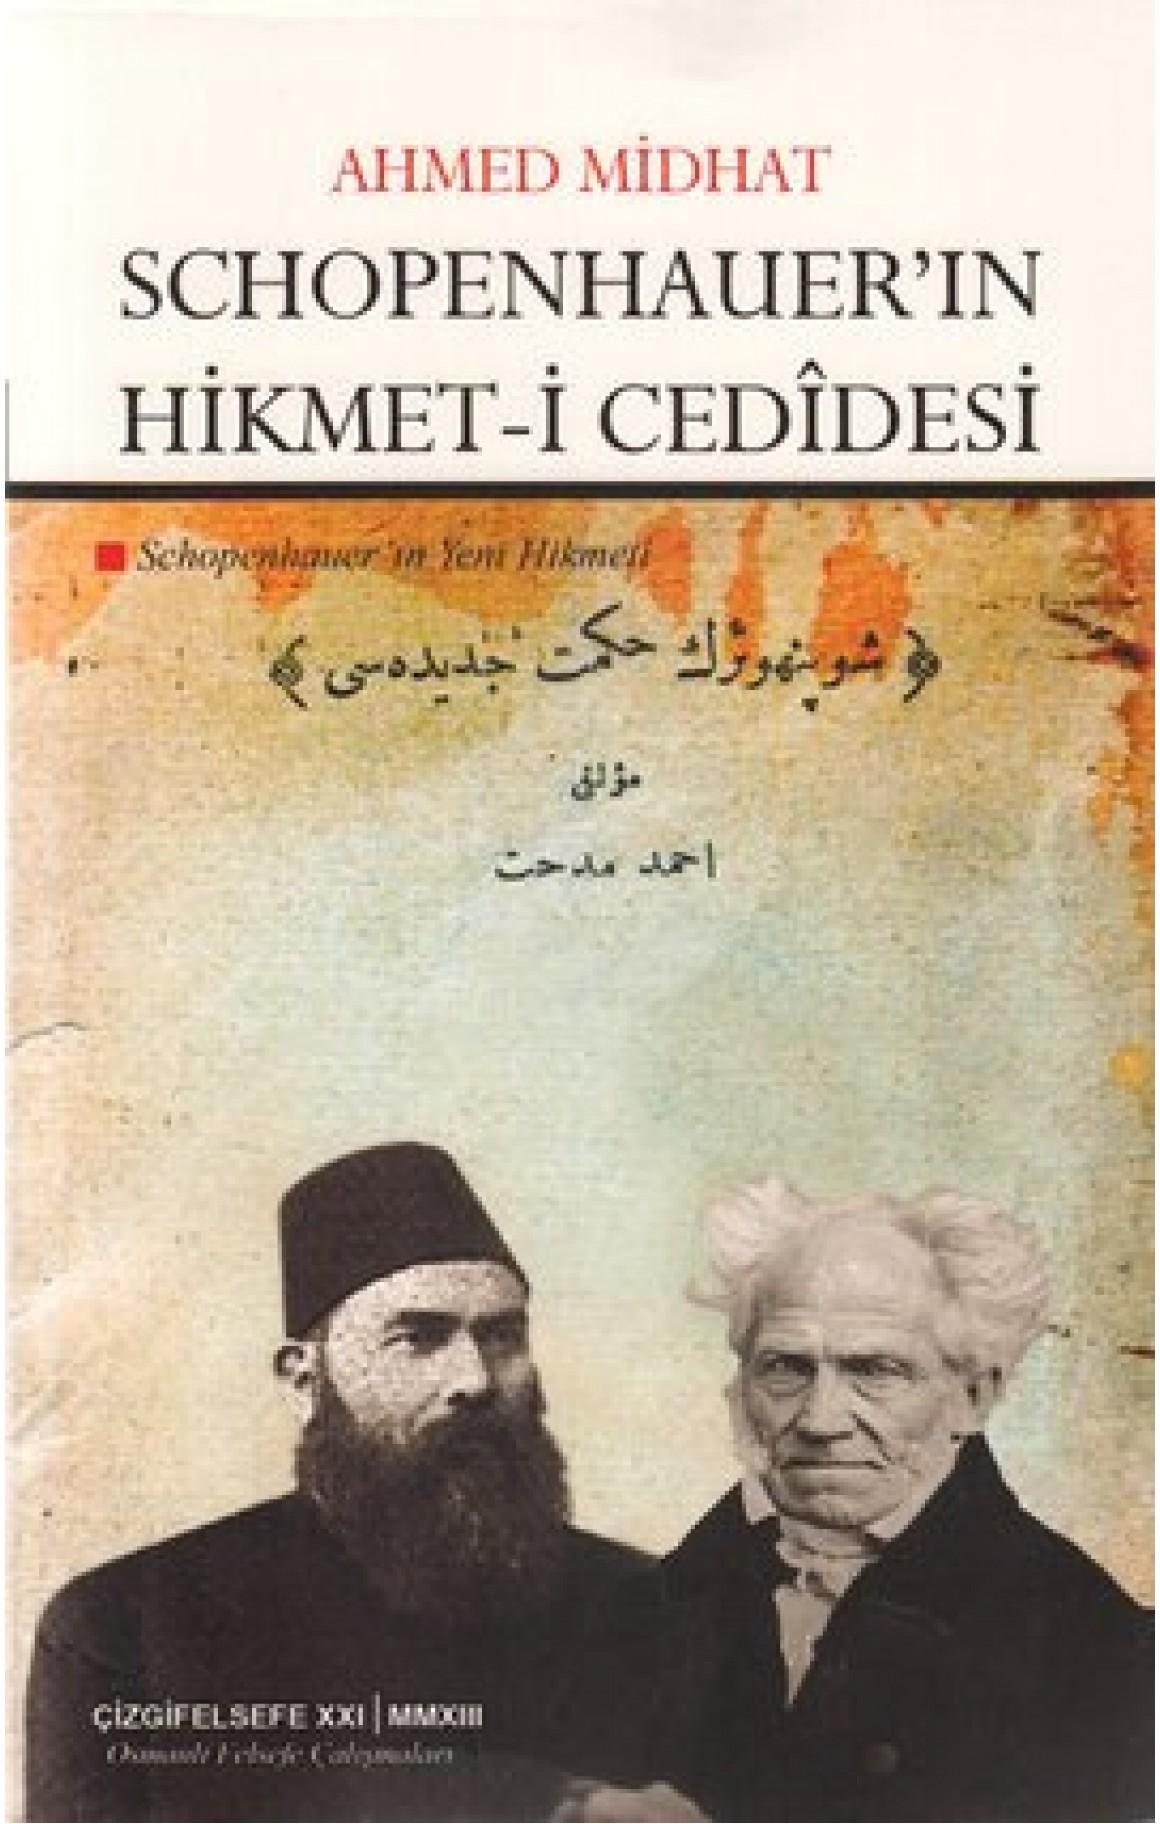 Schopenhauerin Hikmet-i Cedidesi